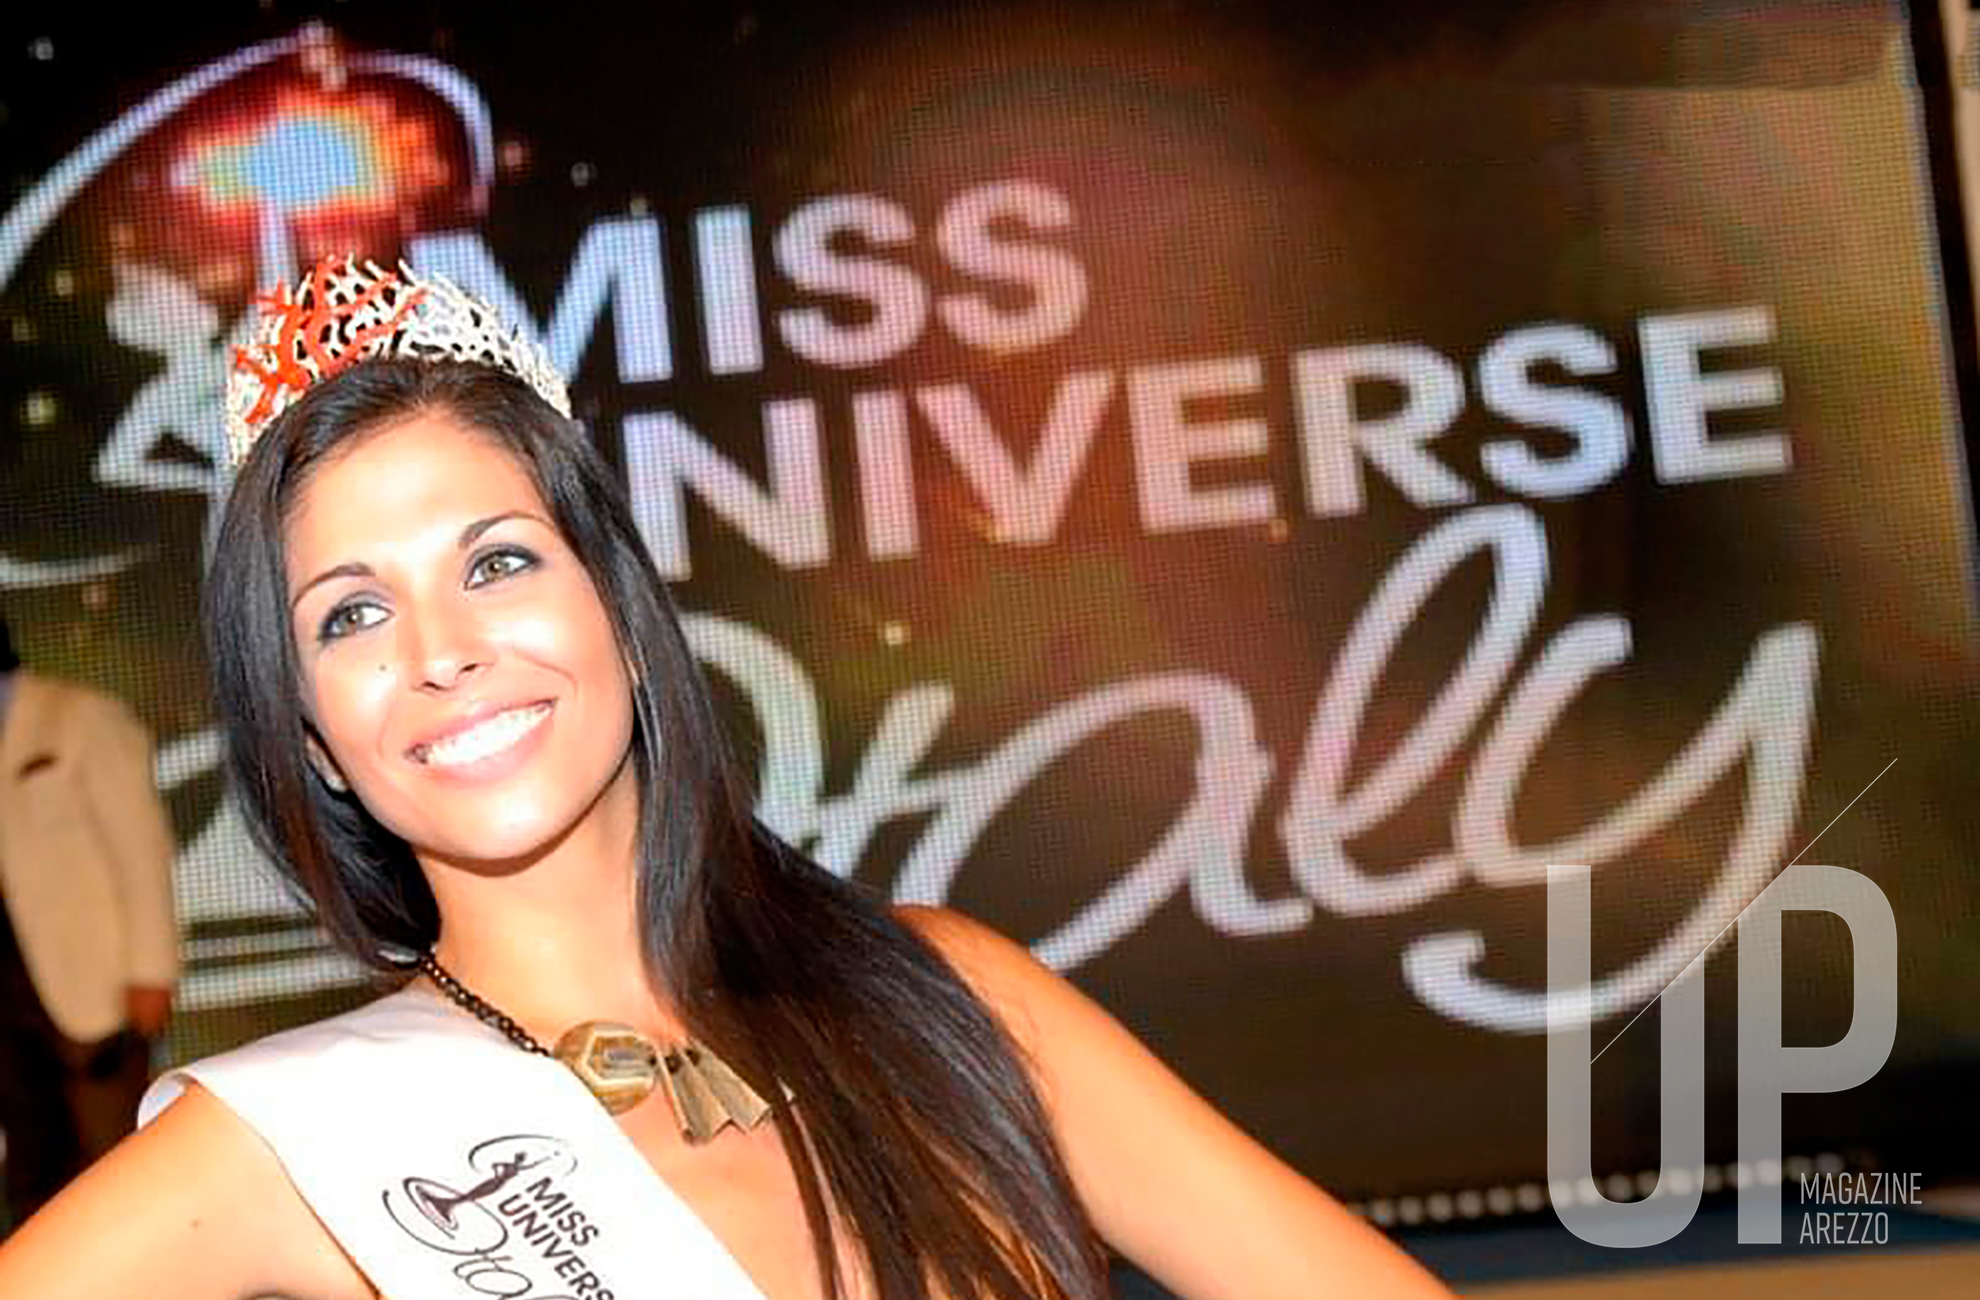 Miss Universo Italia 2011